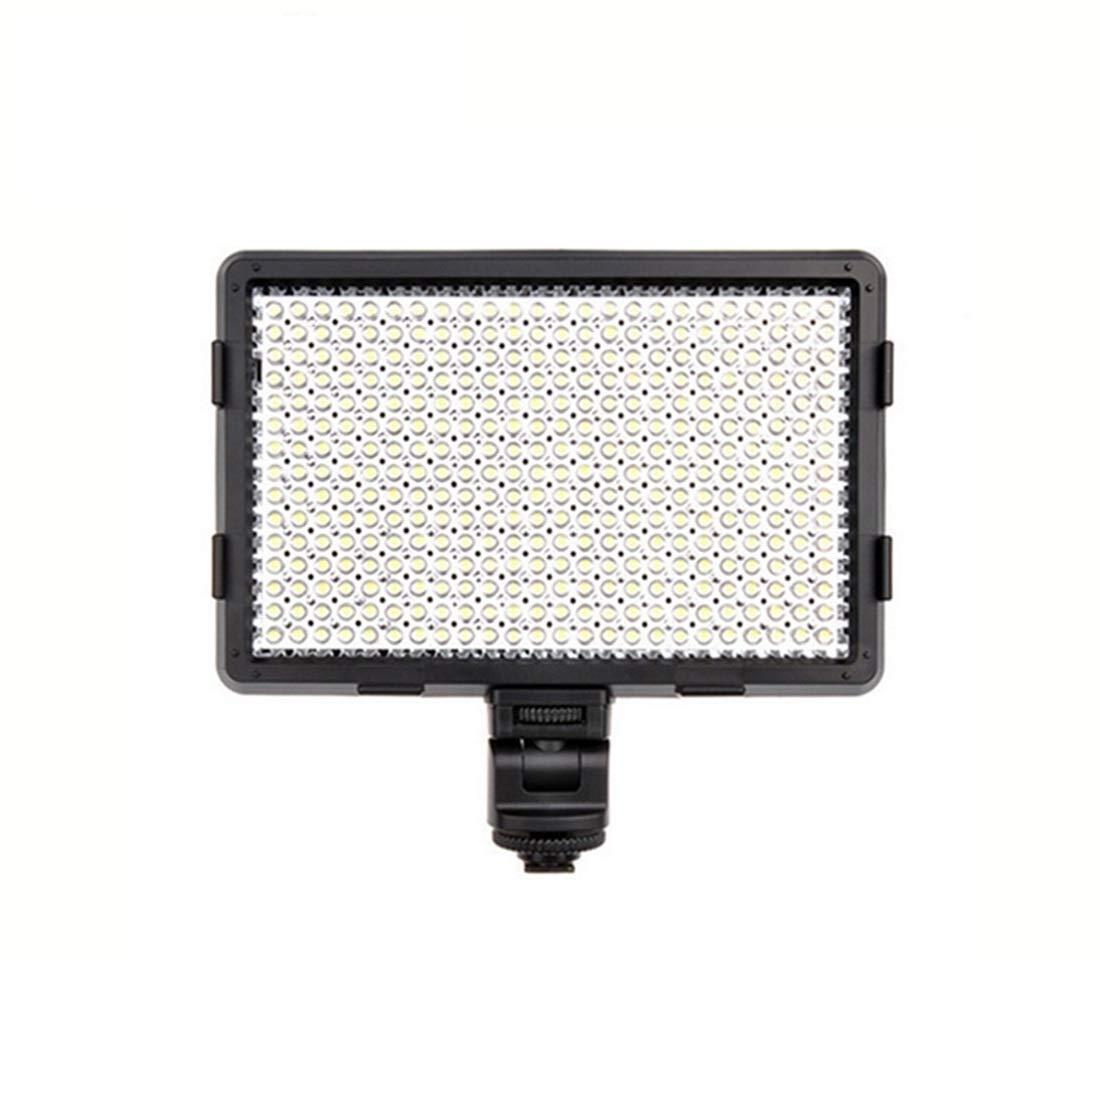 人民の東の道 カメラのビデオライトは、キヤノン、ニコン、ペンタックス、パナソニック、ソニー、三星、オリンパス一眼レフカメラ用のLEDライト (色 : ブラック)  ブラック B07QPLG651